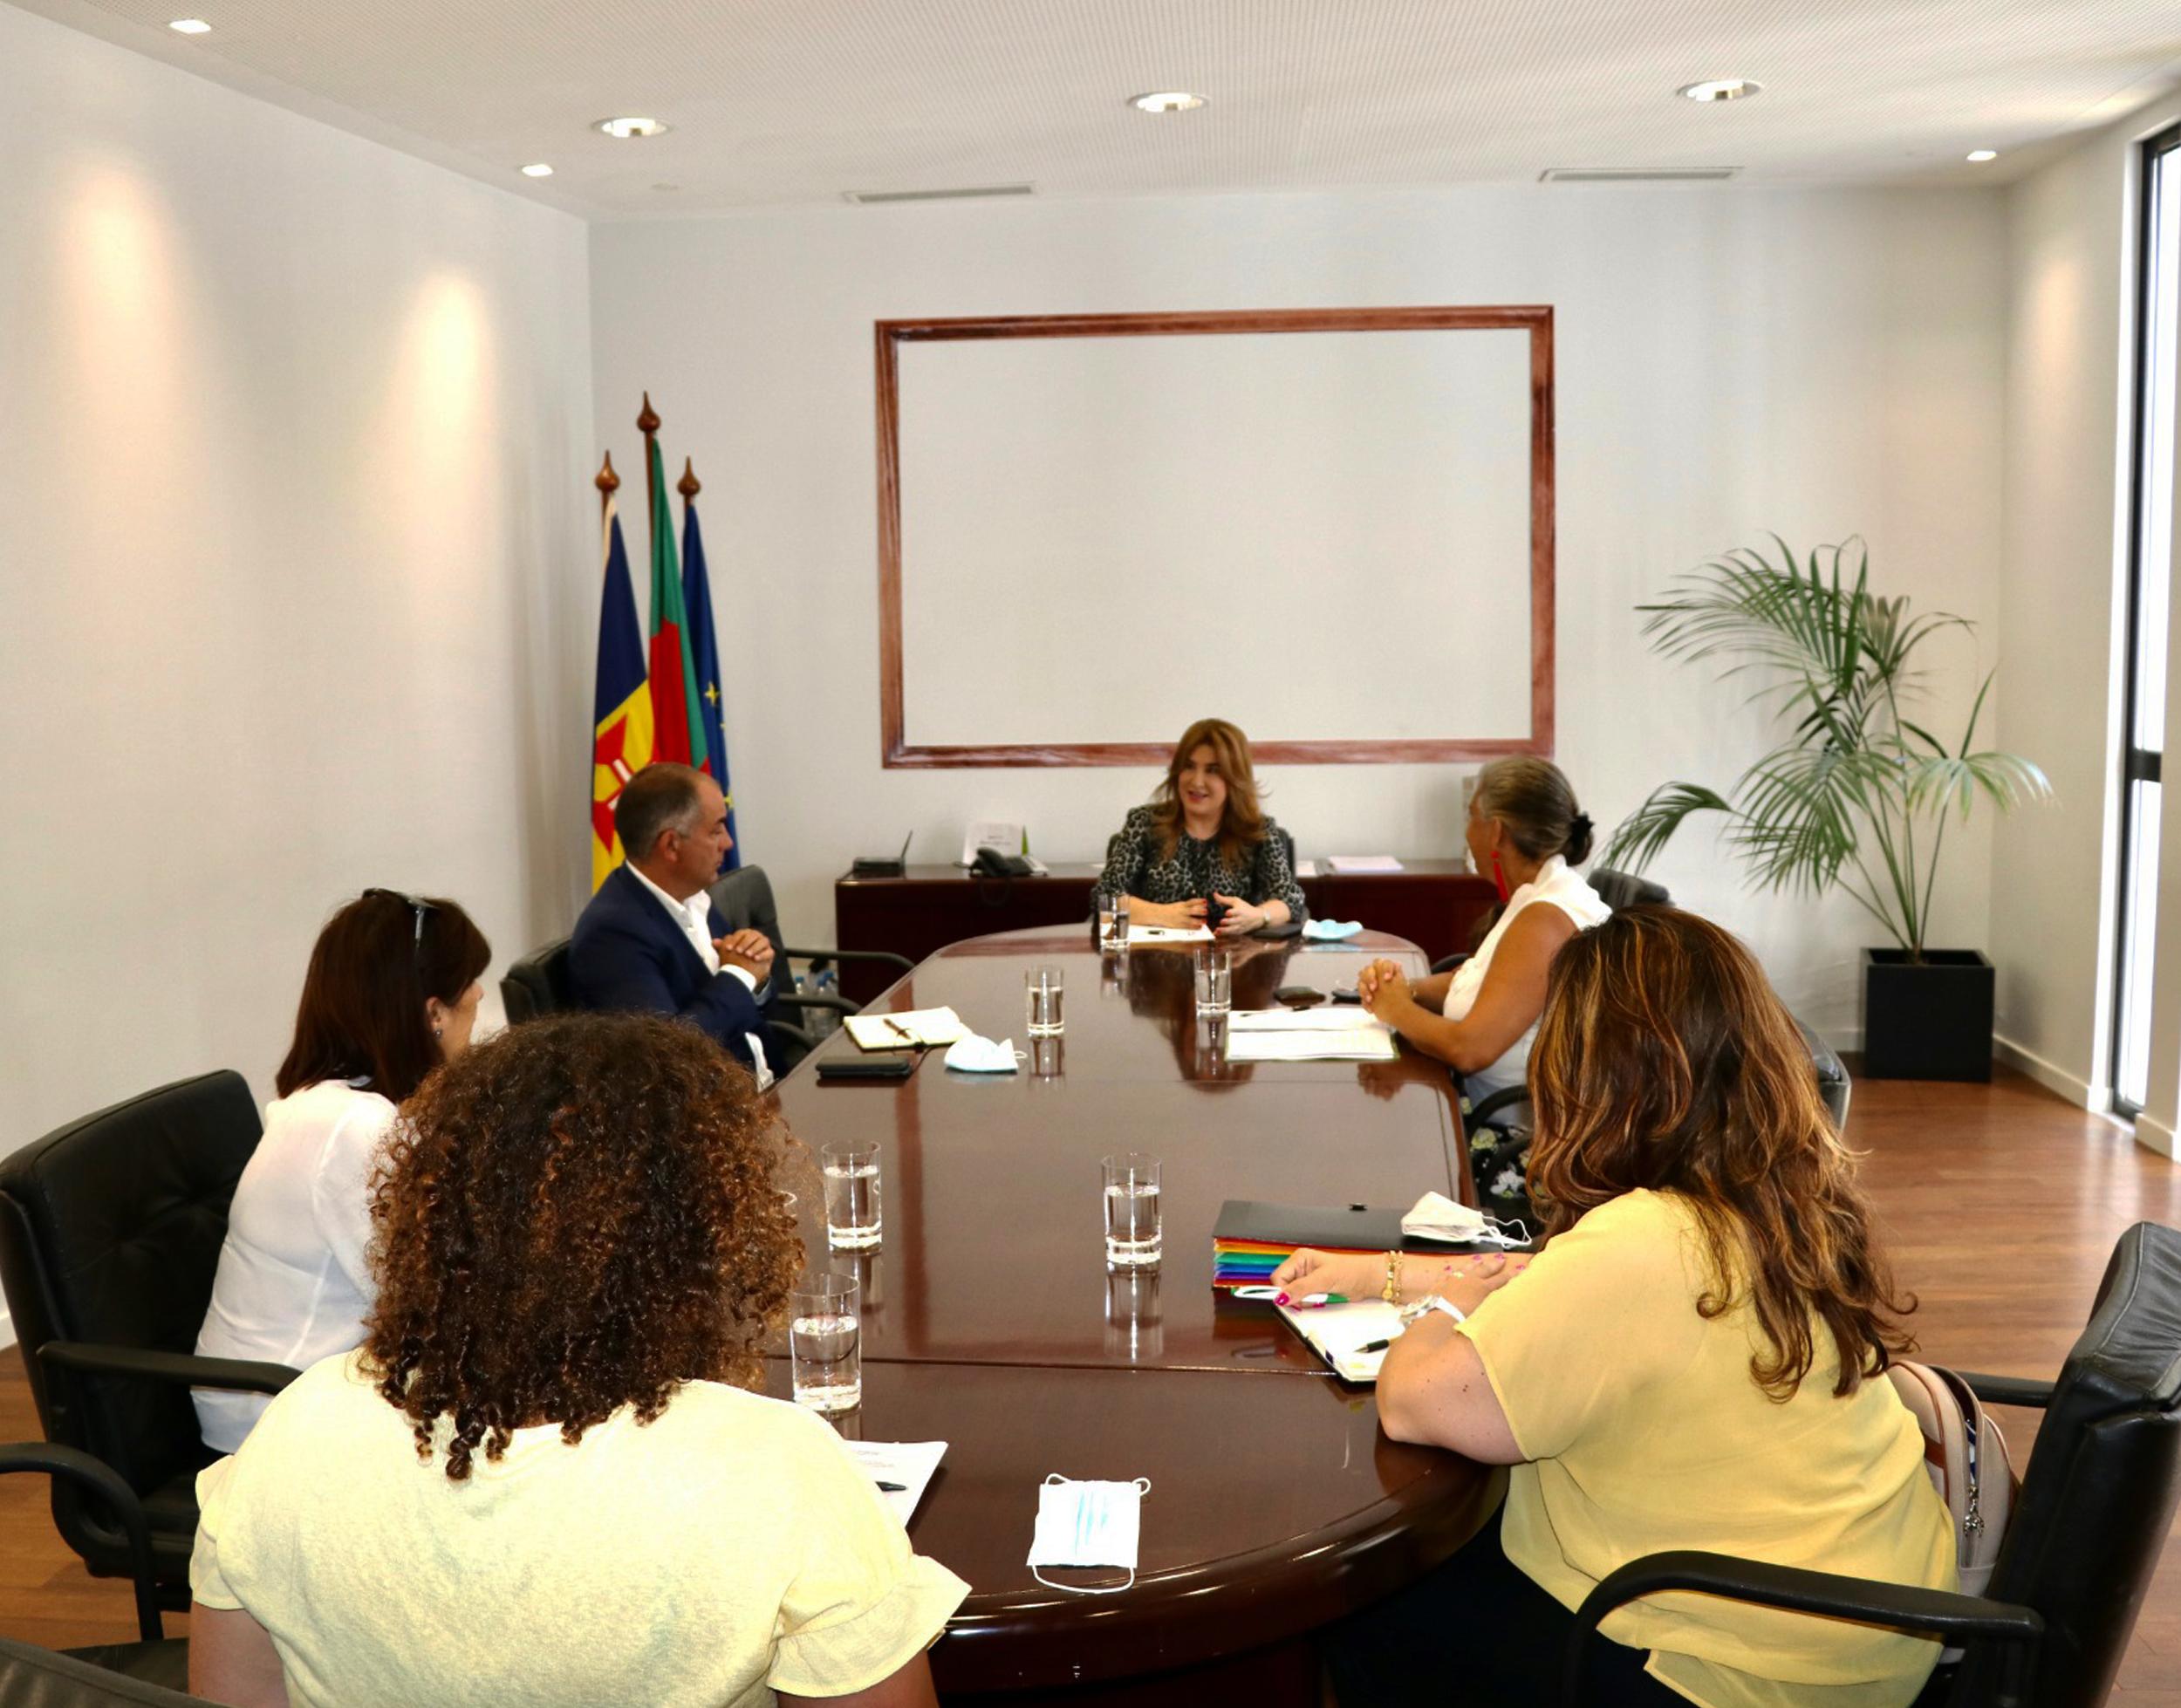 Augusta Aguiar marca presença na primeira reunião da Comissão de Acompanhamento ao Cuidador Informal